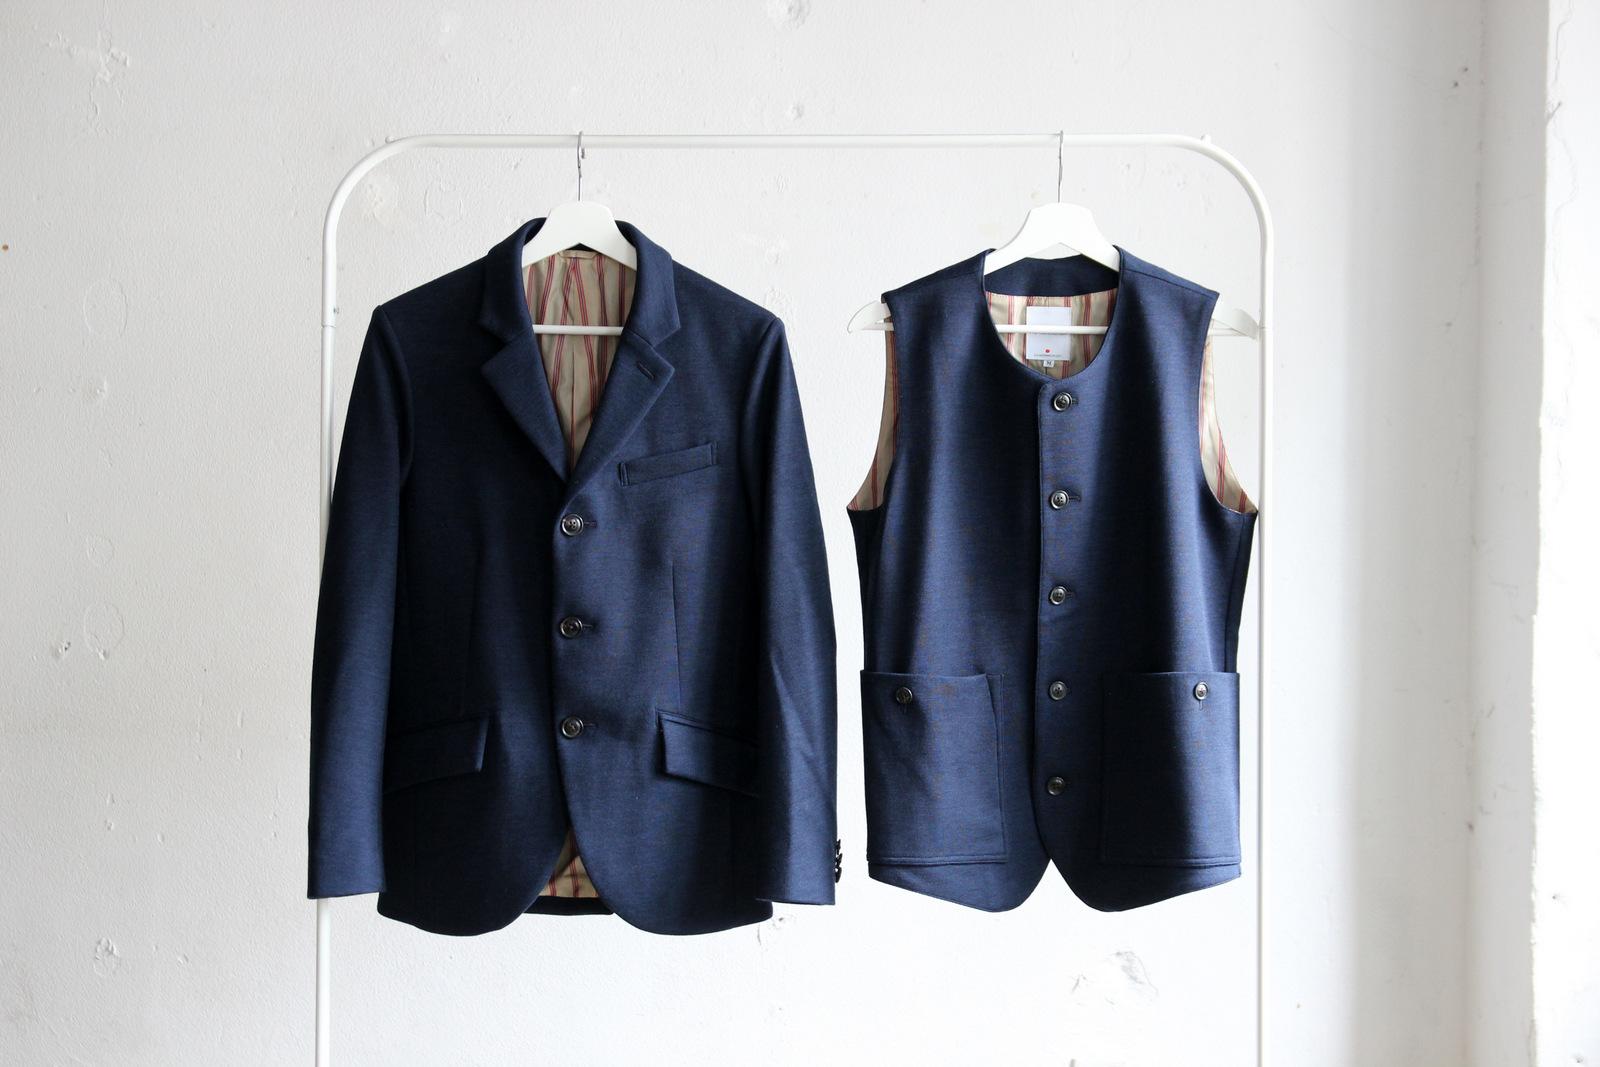 Dress Wool Knit 3B Jacket_c0379477_20195282.jpg